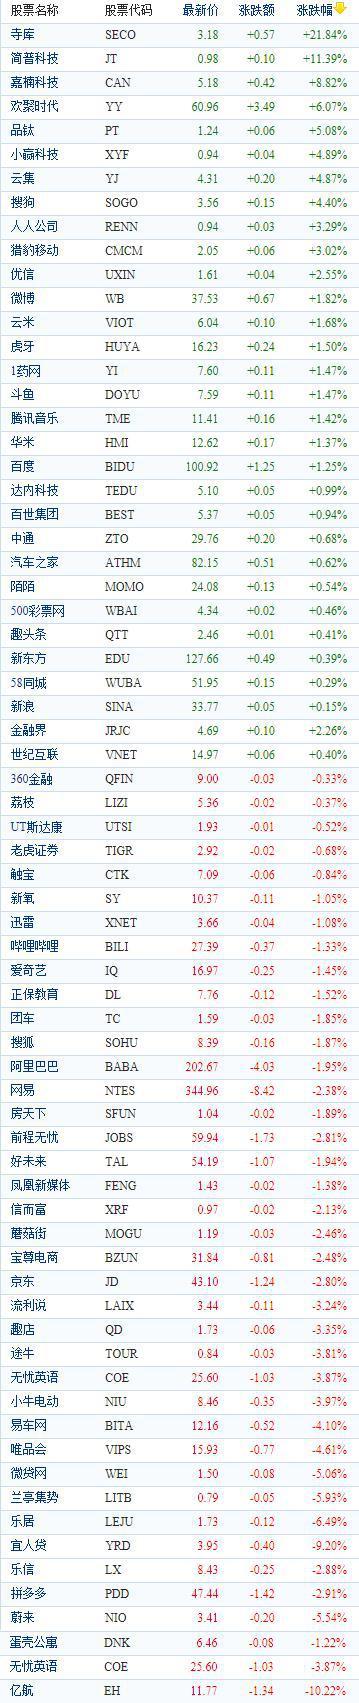 中国概念股周四收盘涨跌互现 寺库飙涨近22%